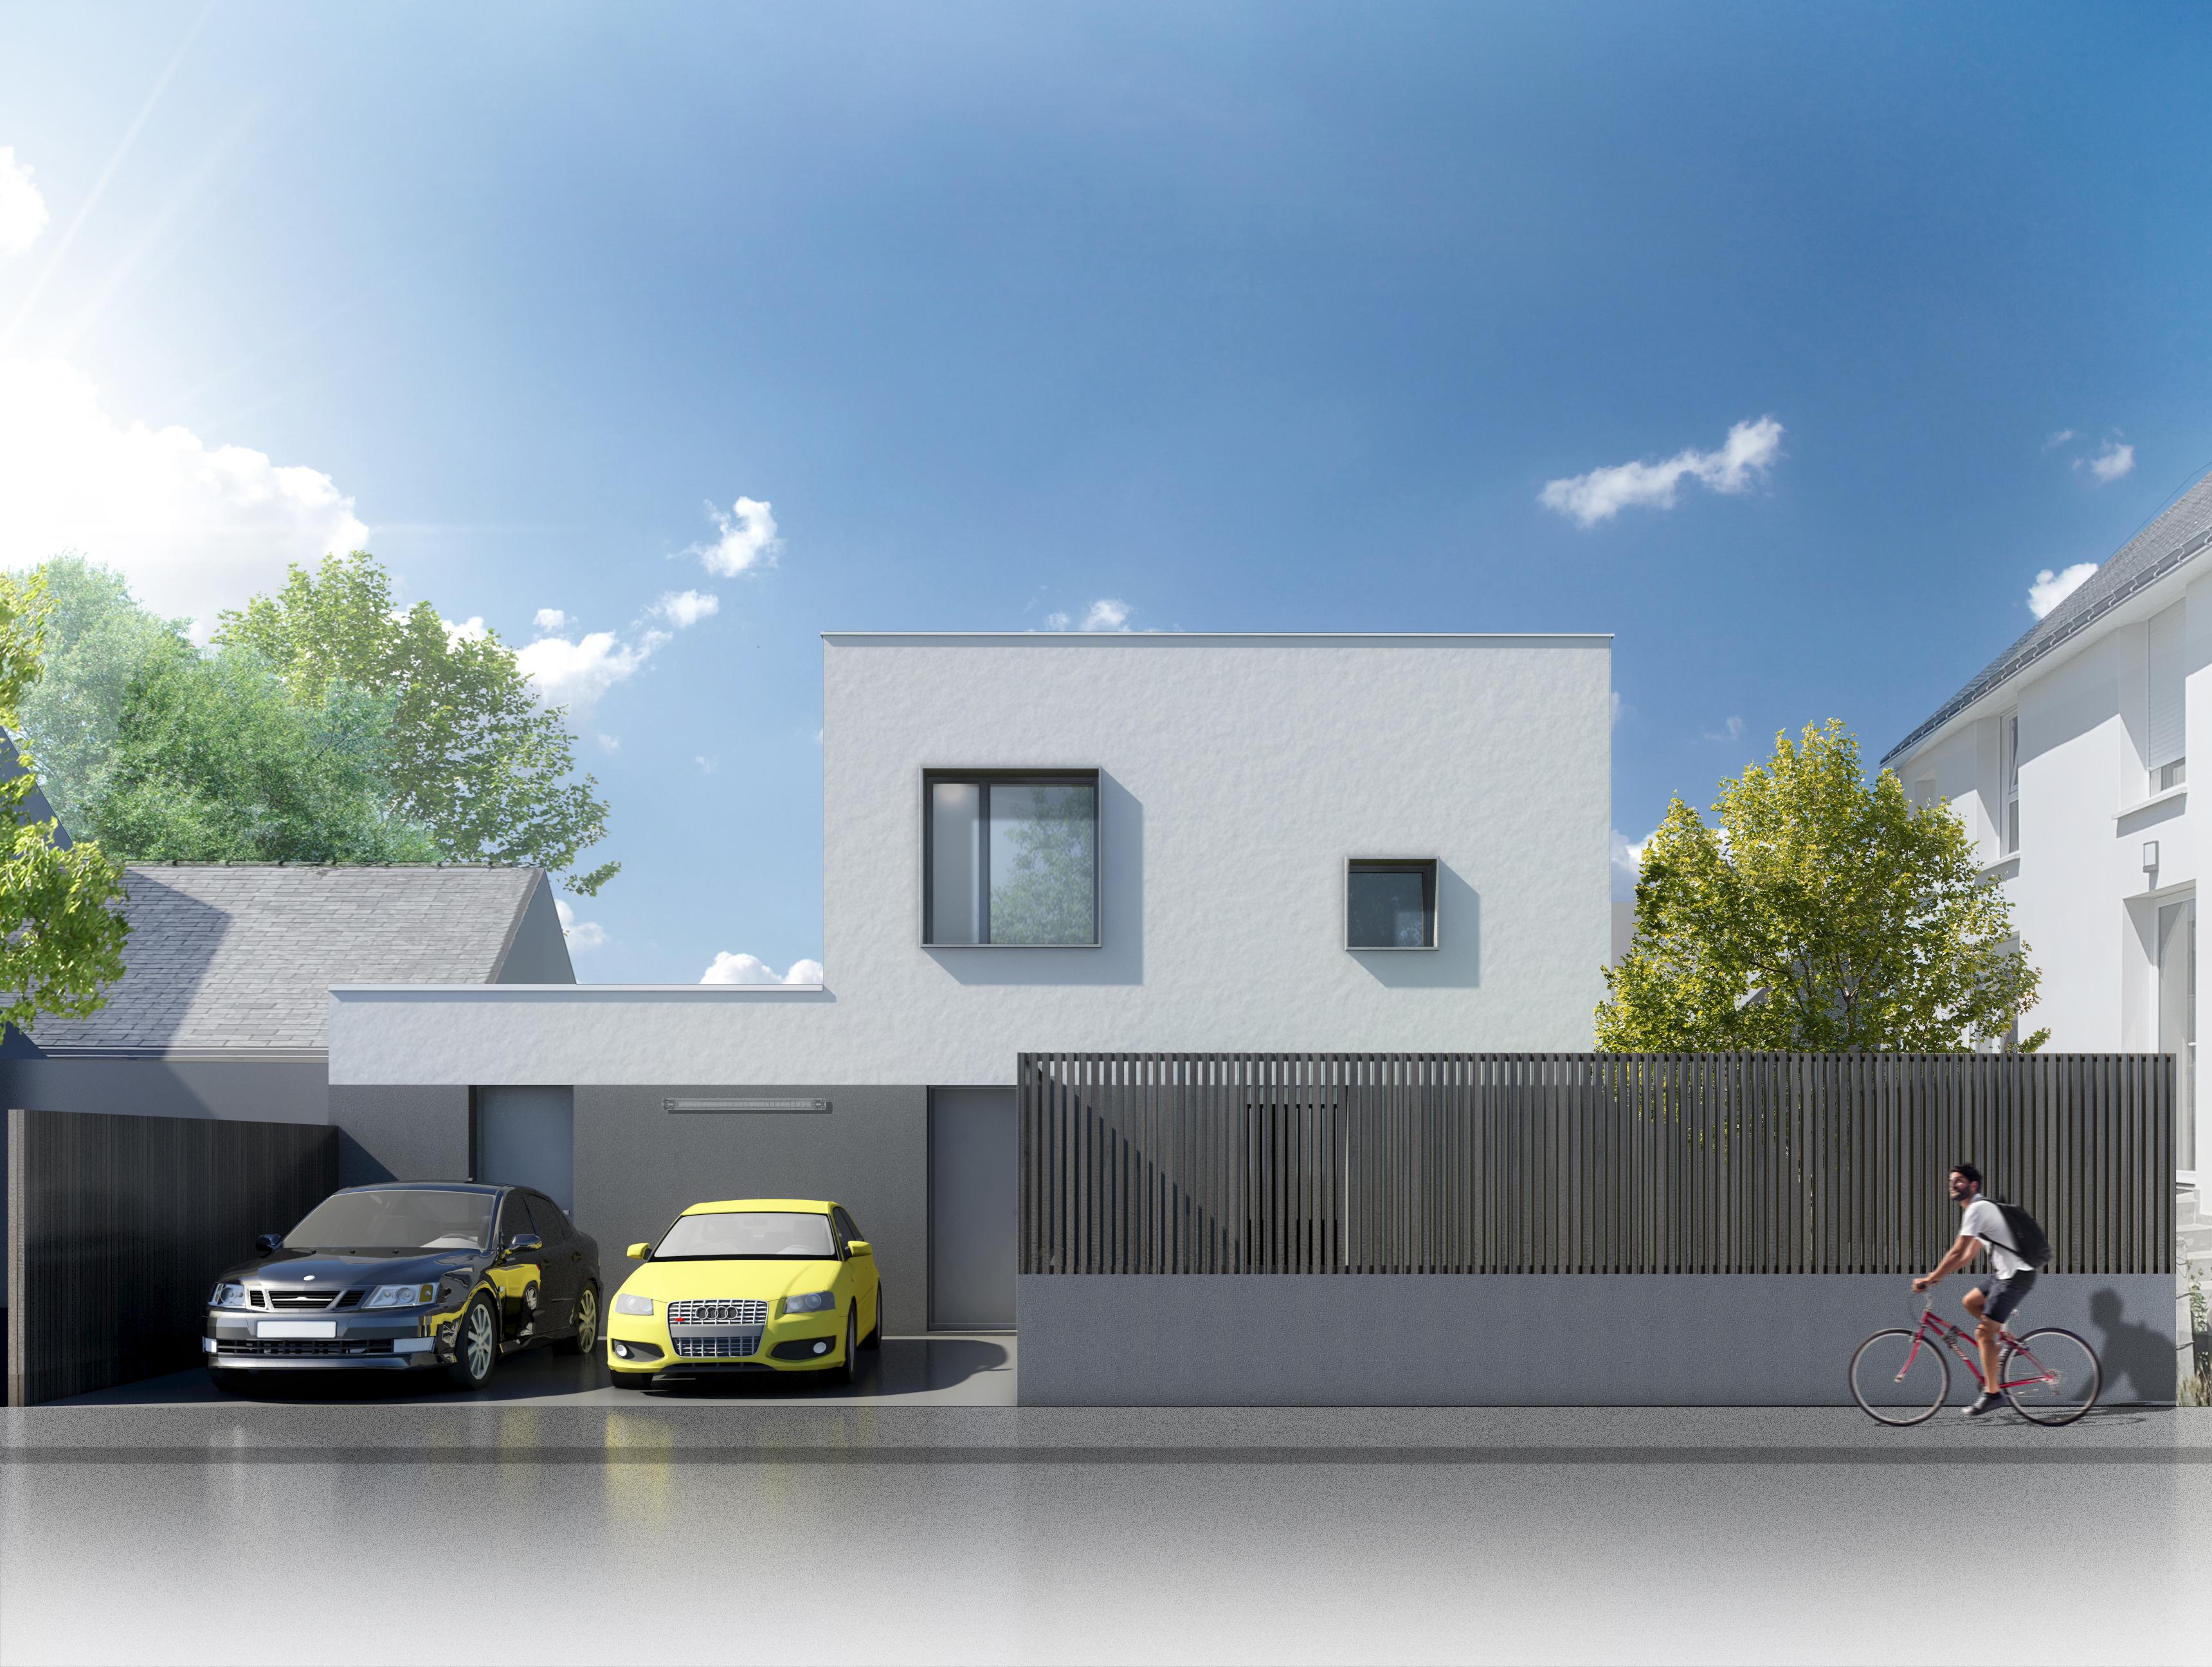 Jérôme JEGADO Architecte DPLG- Construction maison individuelle